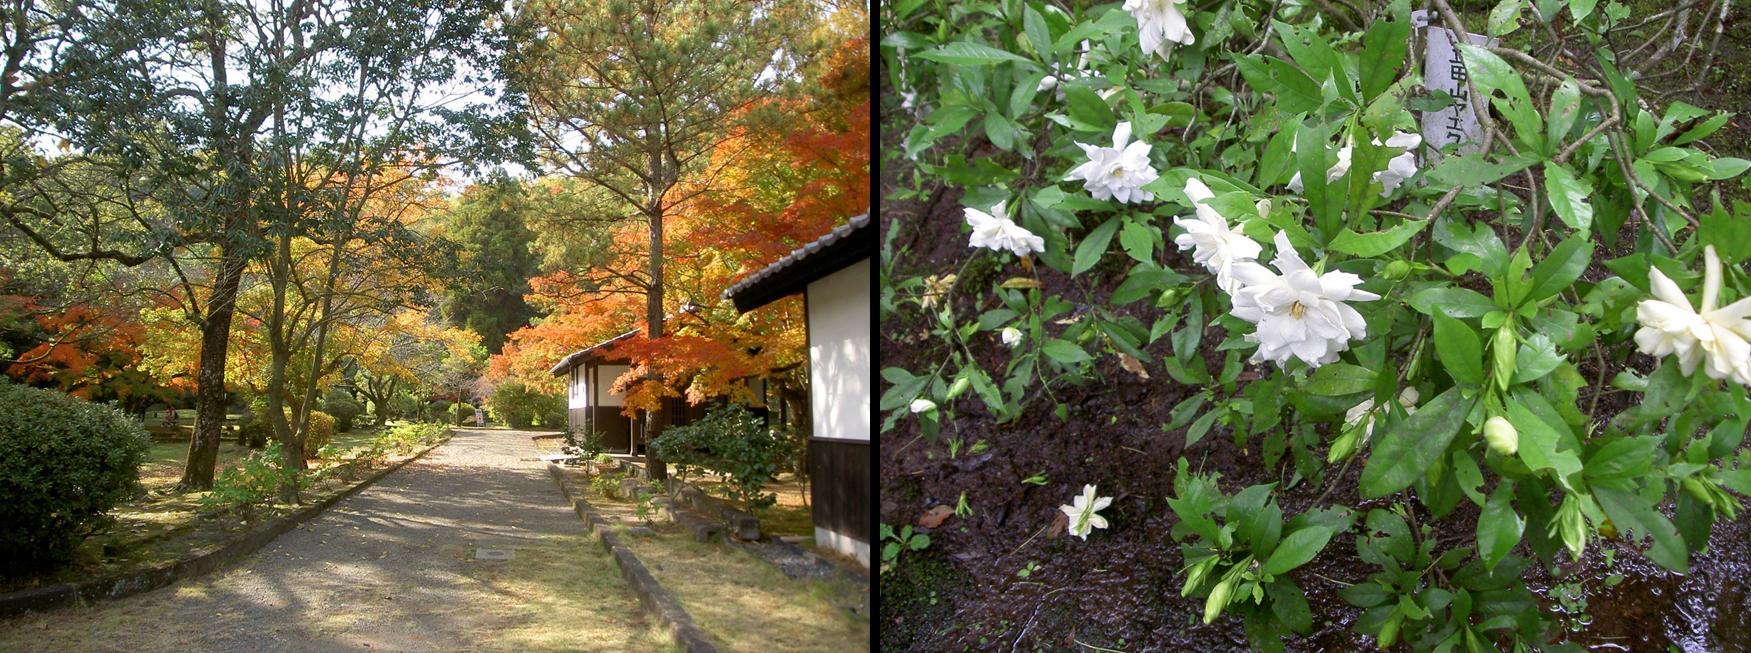 北岡自然公園紅葉と立田ヤエクチナシ